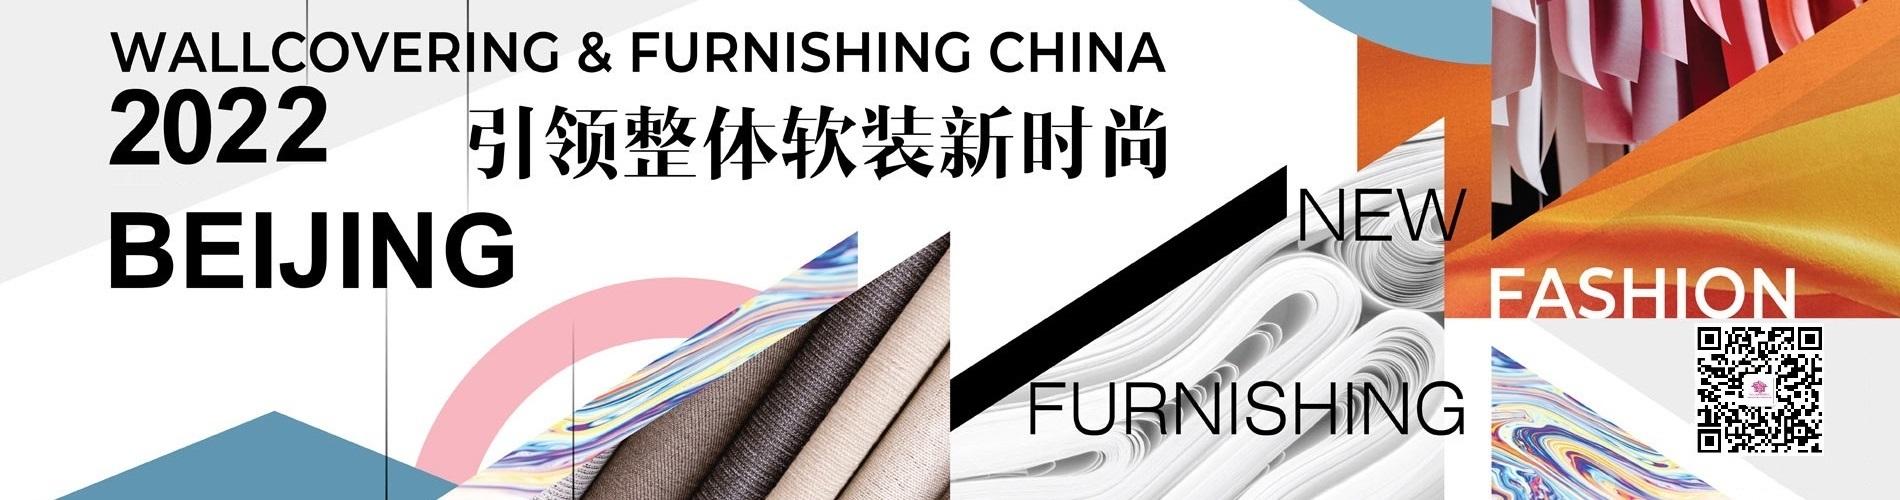 北京墙纸展-内页-3